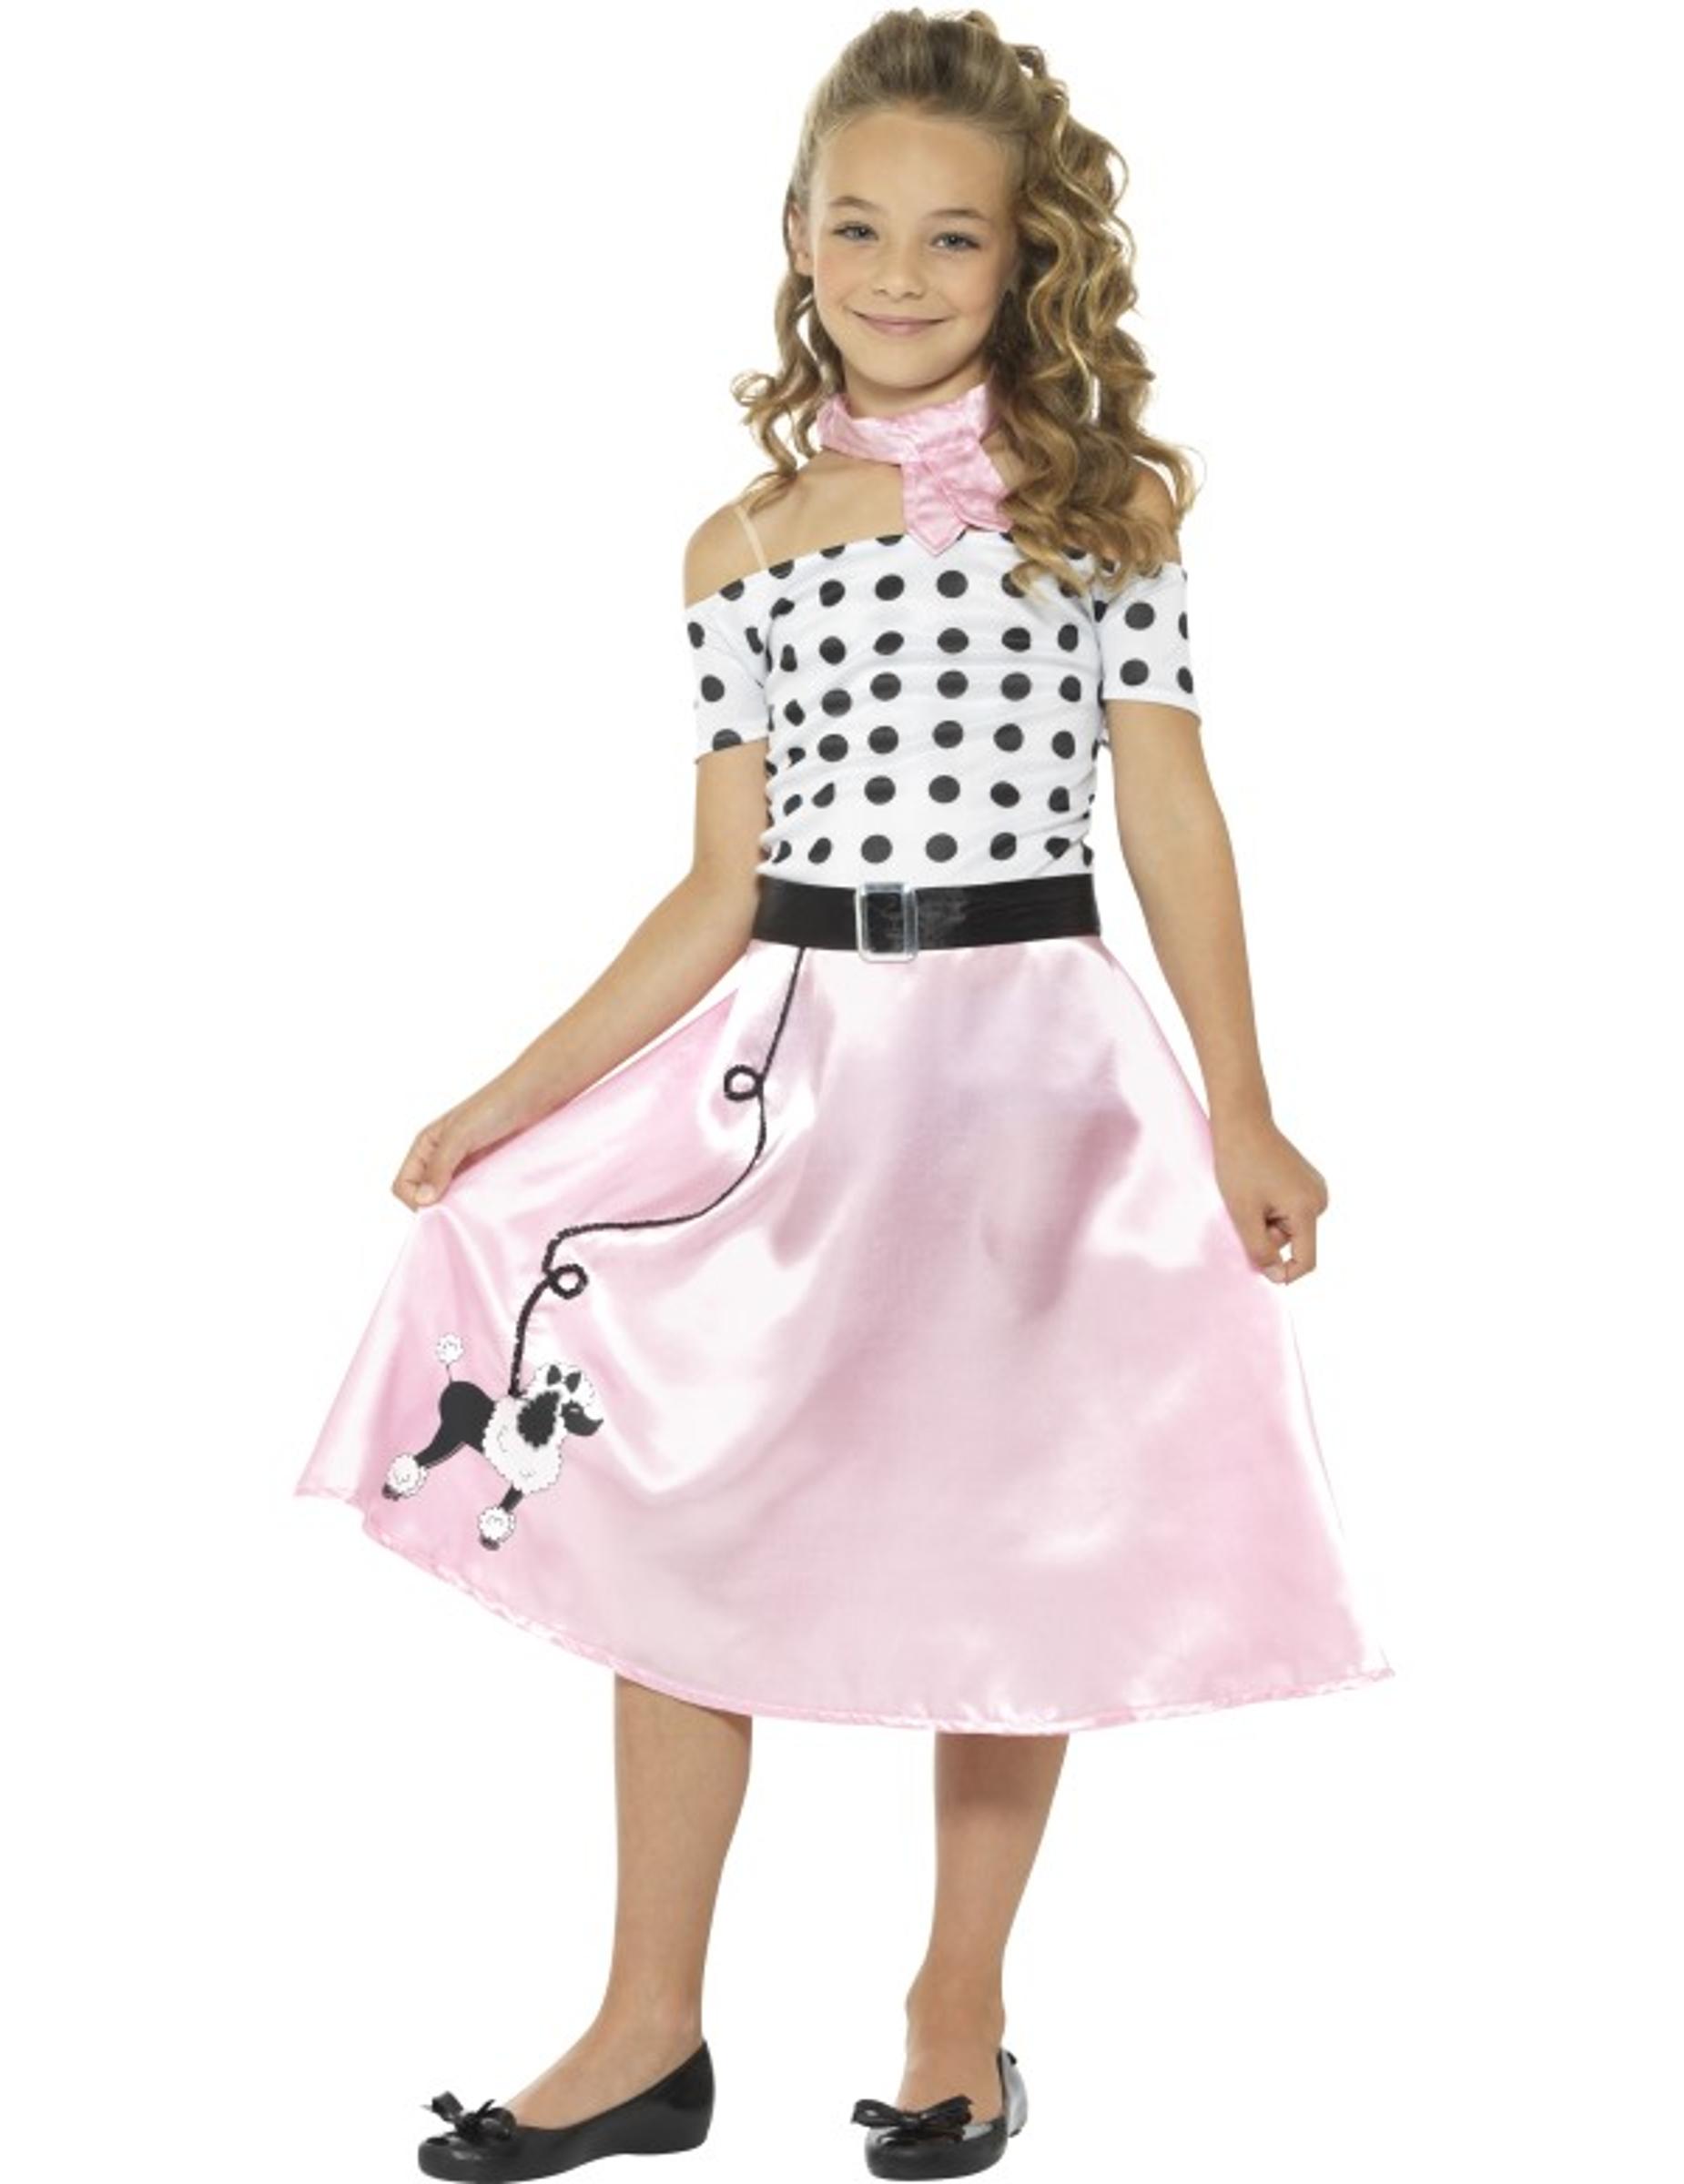 50er-Jahre Mädchen-Kostüm Tanzkleid rosa-weiss-schwarz - 134/146 (7-9 Jahre) 162738